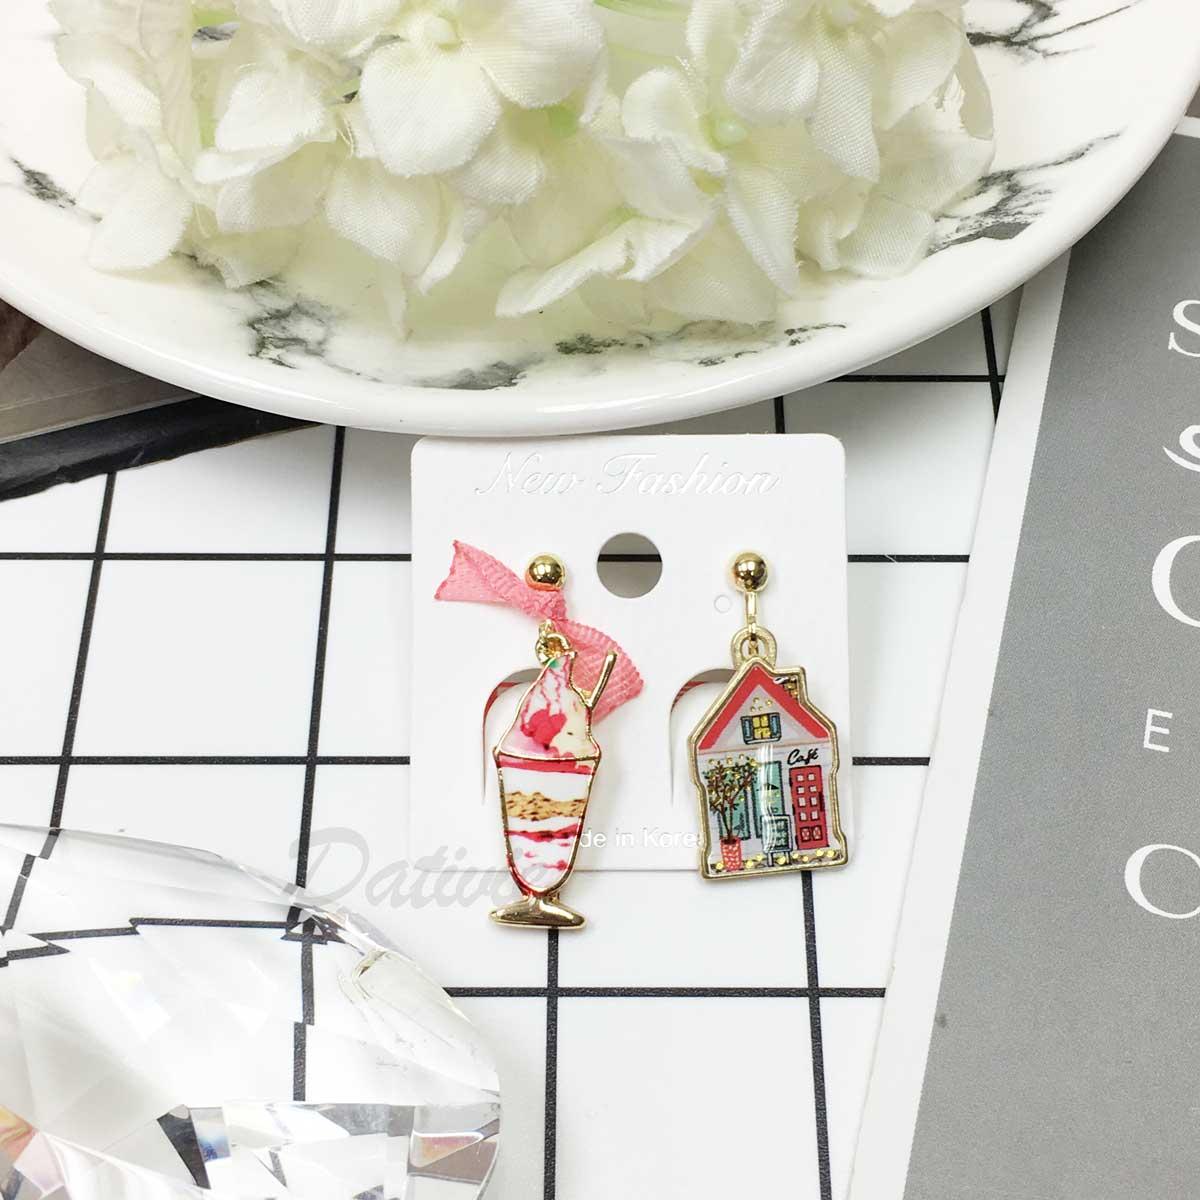 韓國 可愛質感 小木屋 星巴克 巧克力聖代 草莓冰淇淋 造型夾式垂墜耳環